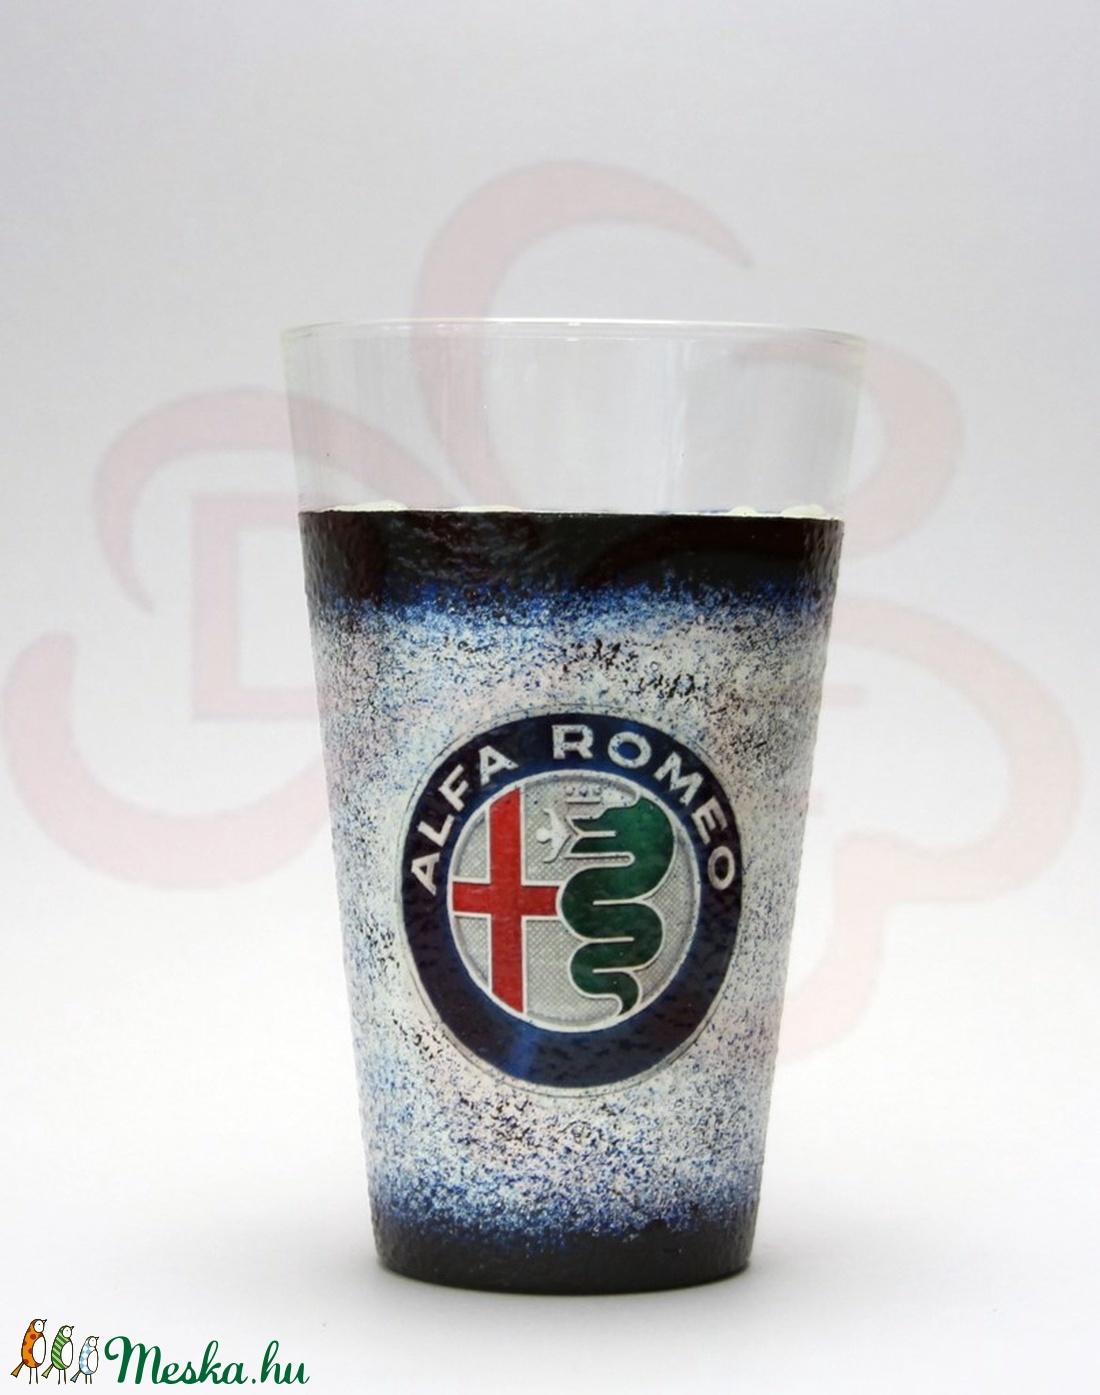 Alfa Romeo üdítős pohár; Saját Alfa autód fotójával is!  (decorfantasy) - Meska.hu